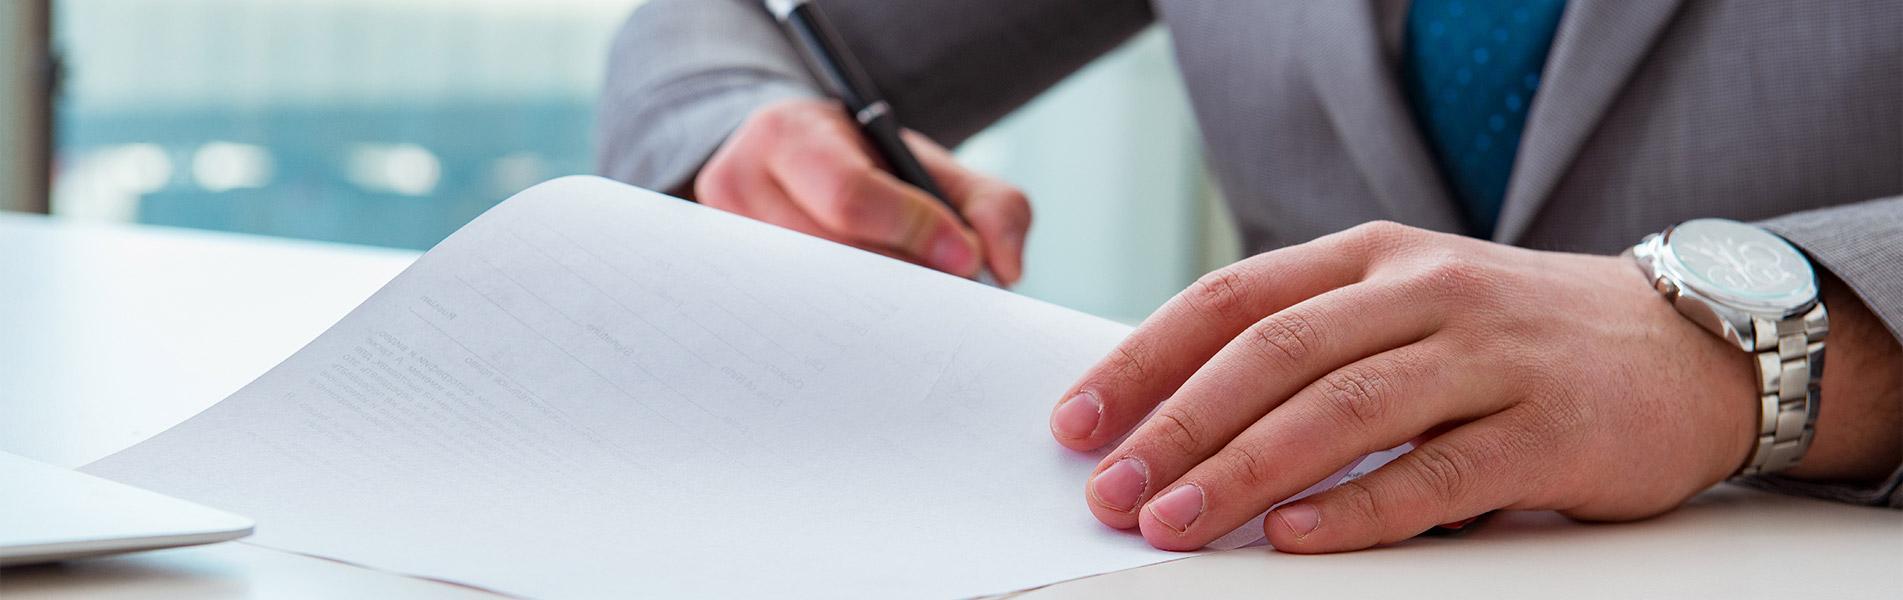 ΓΙΝΕΤΕ ΠΕΛΑΤΗΣ ΜΑΣ - Υπογραφή Συμβολαίου